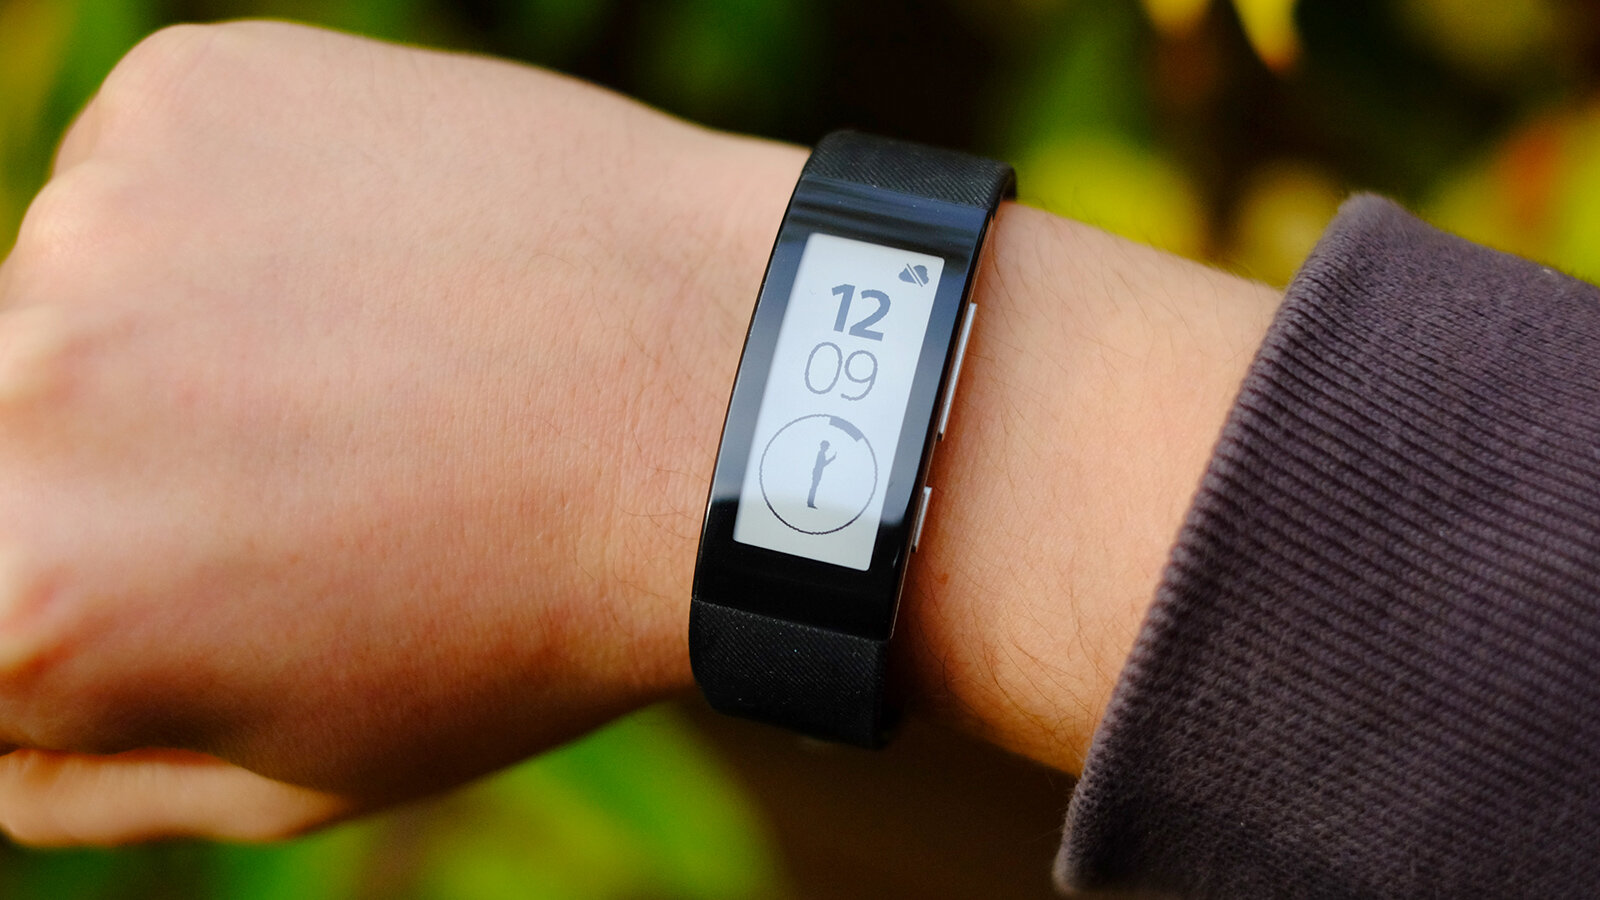 Cảm biến đo nhịp tim phía sau đồng hồ SmartBand 2